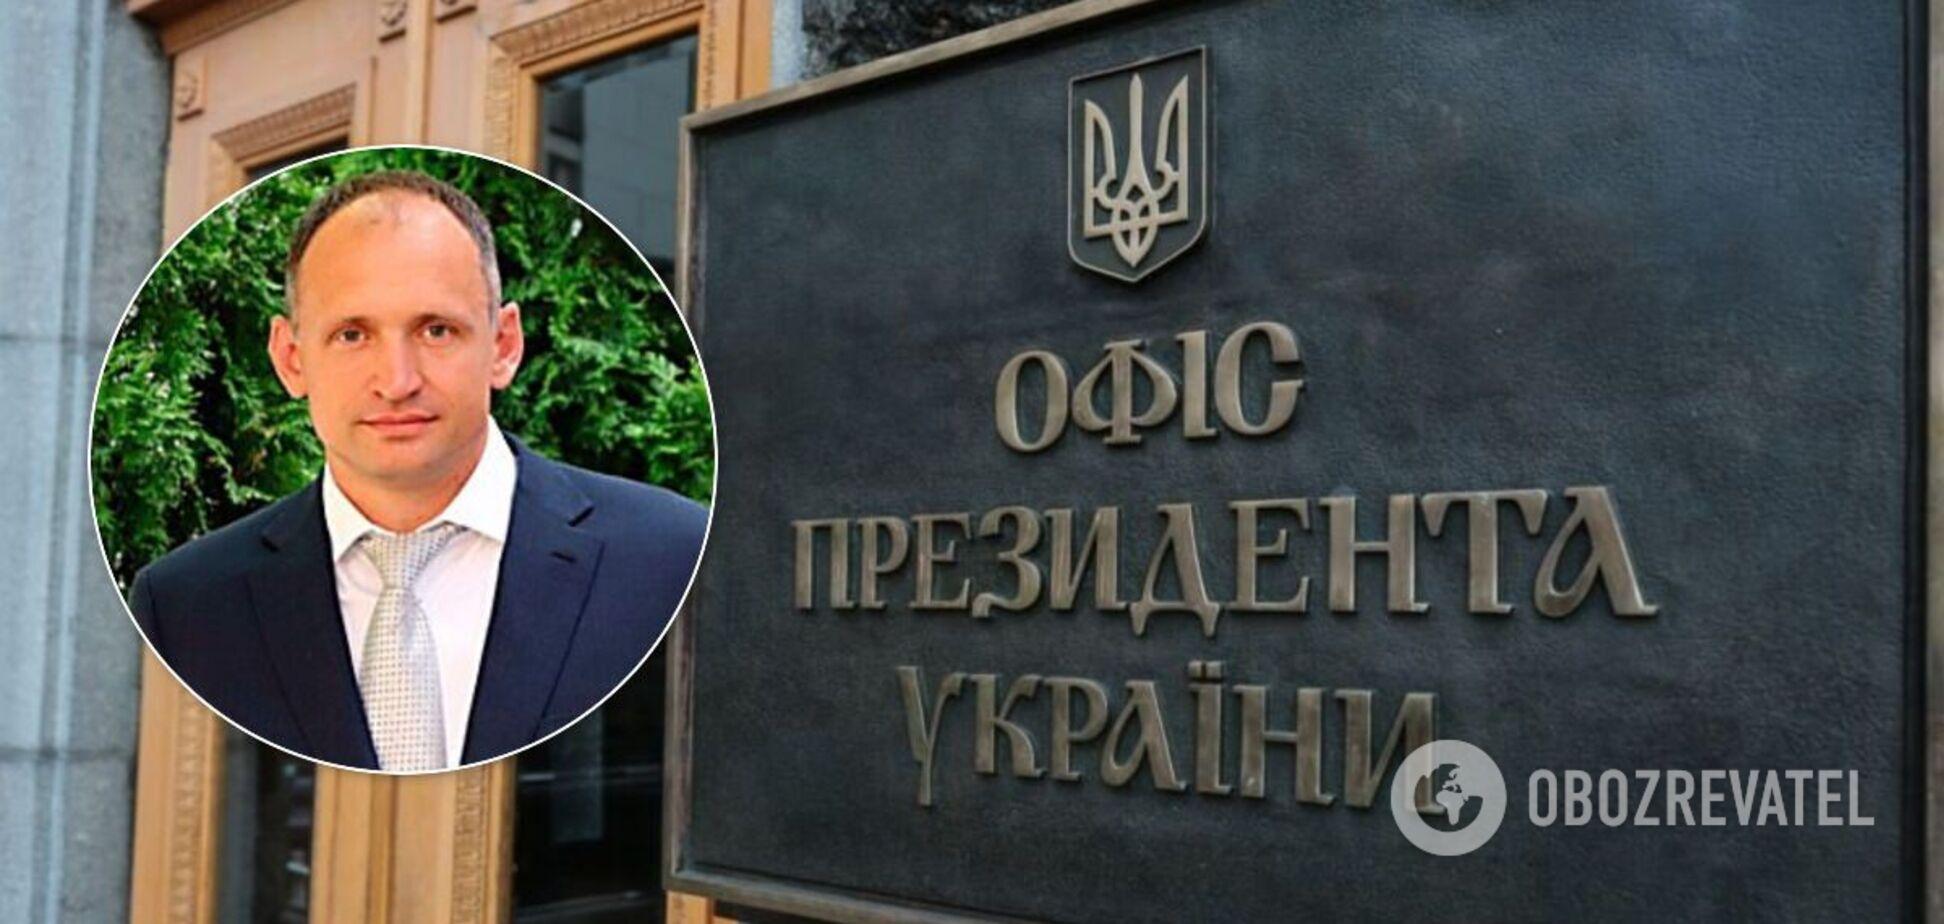 Заступник голови Офісу президента Олег Татаров